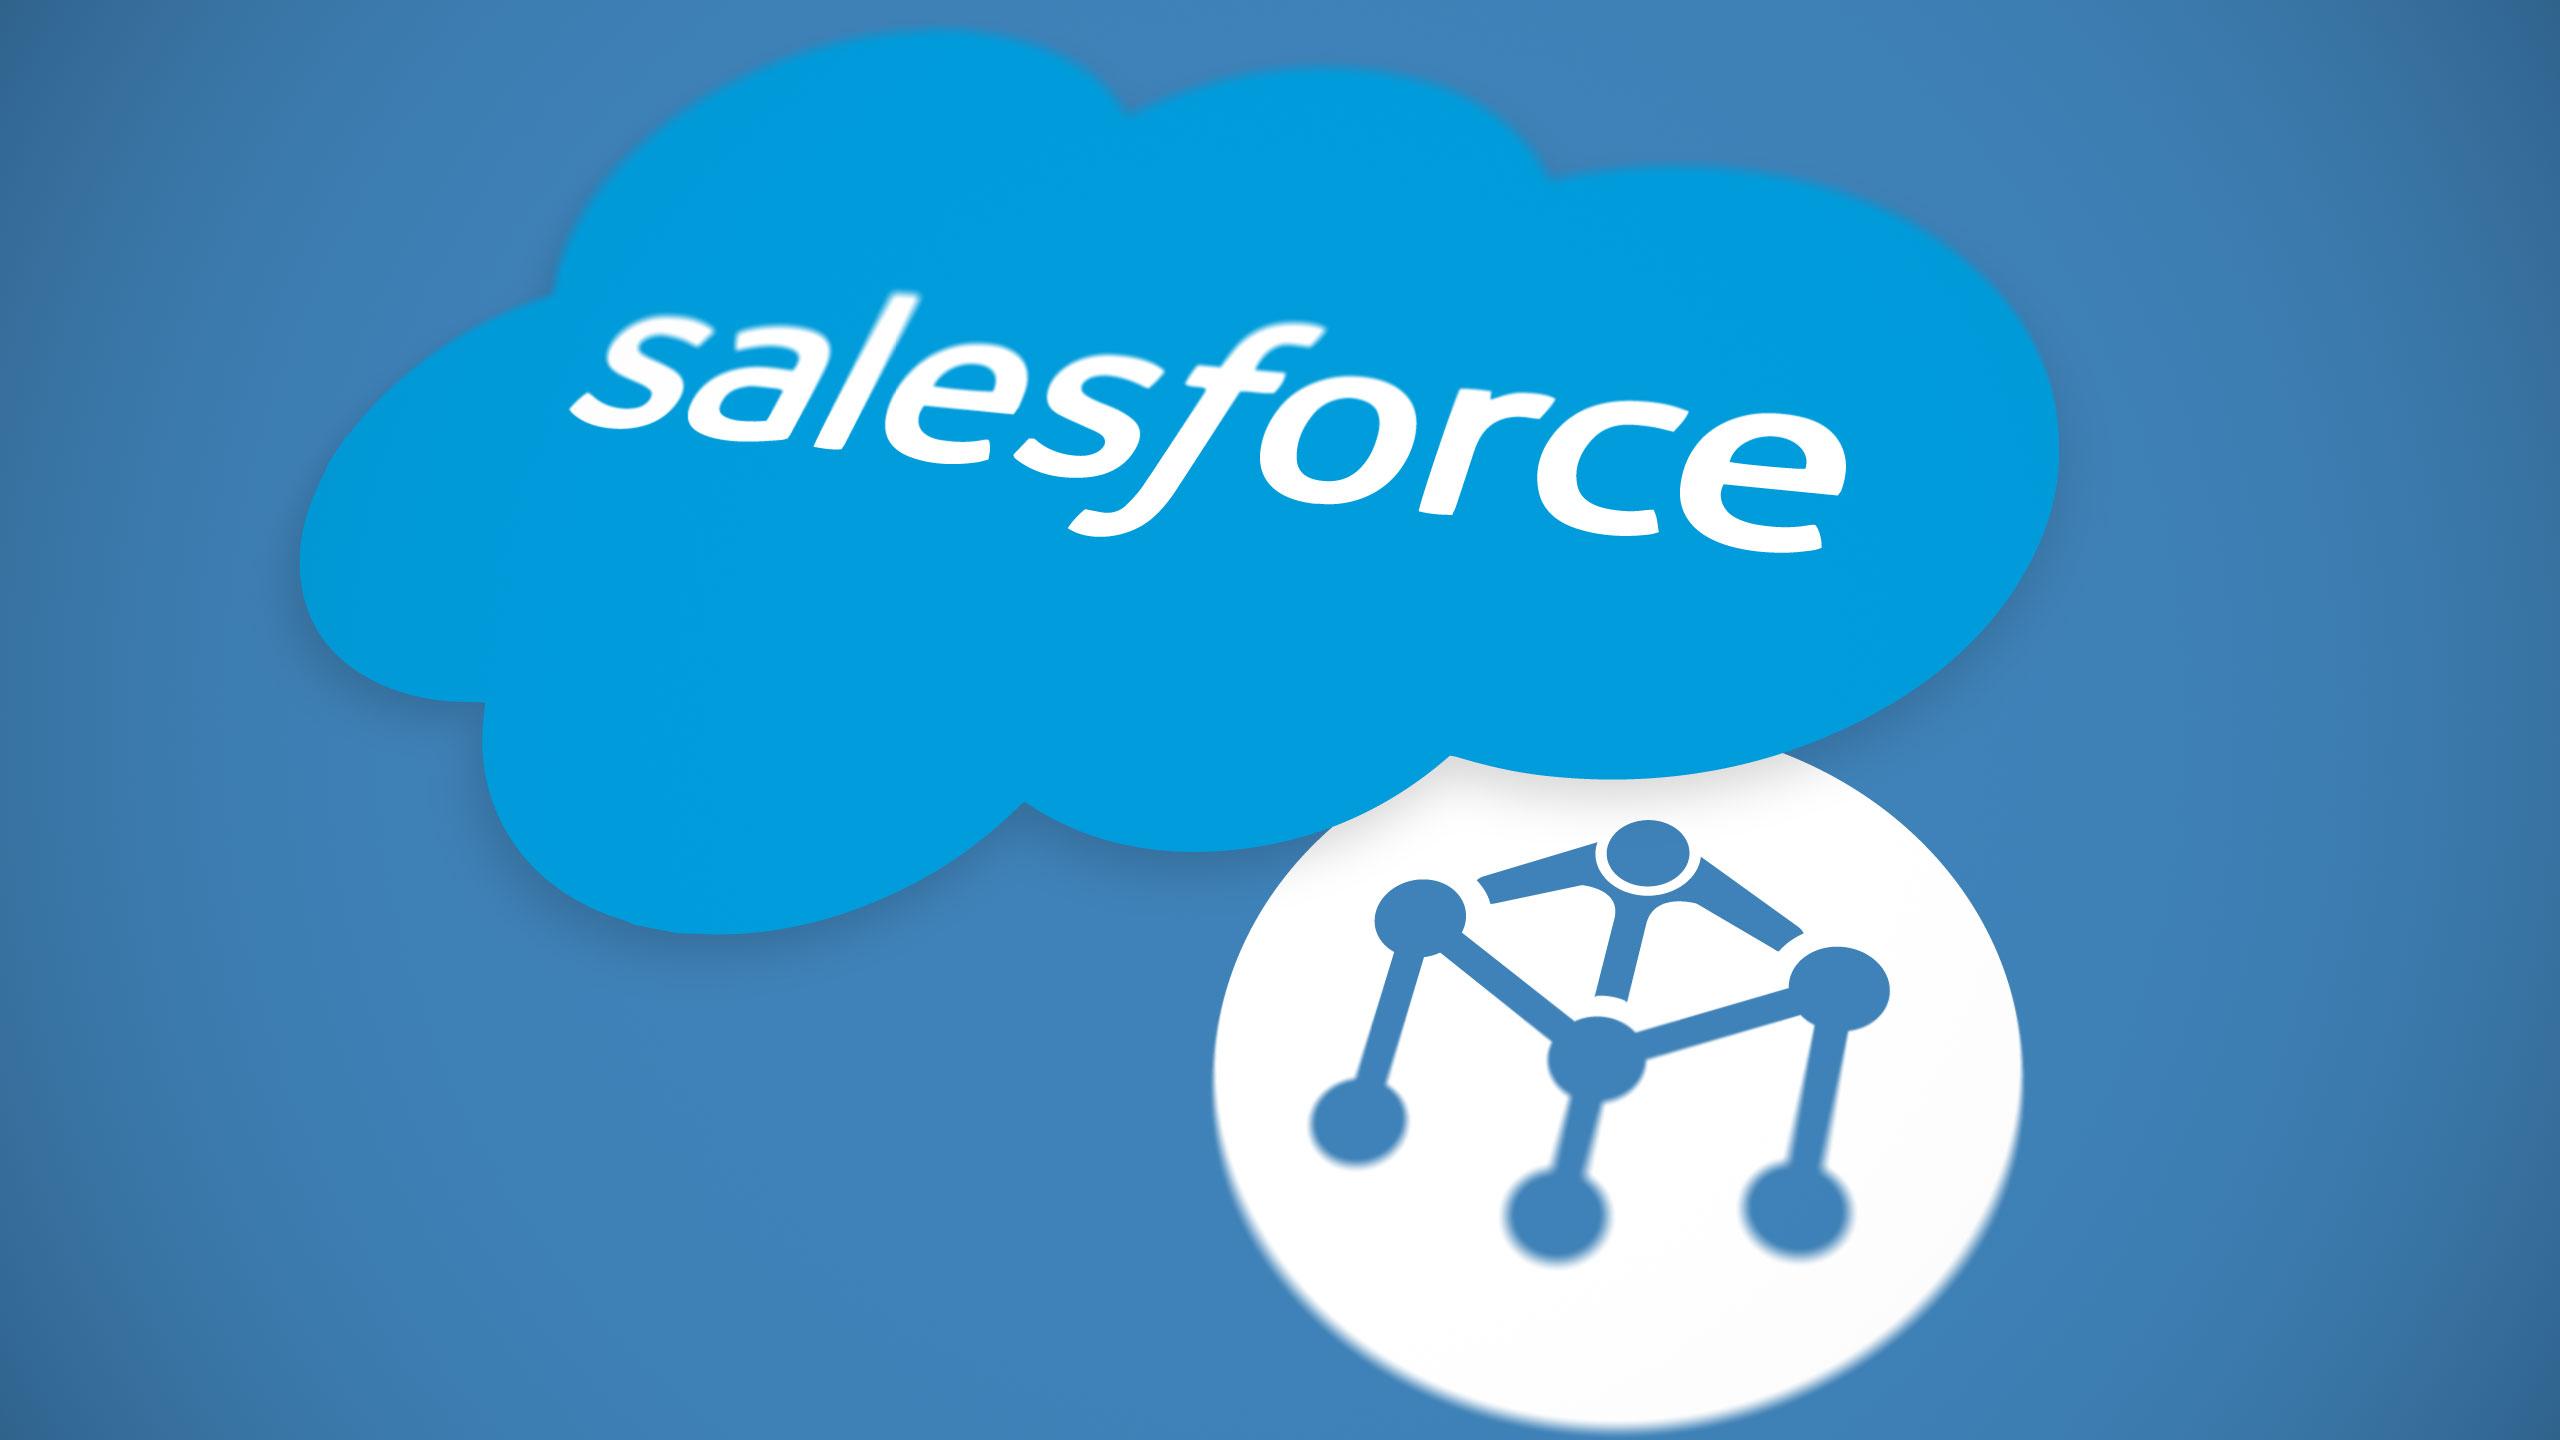 sales goals salesforce logo